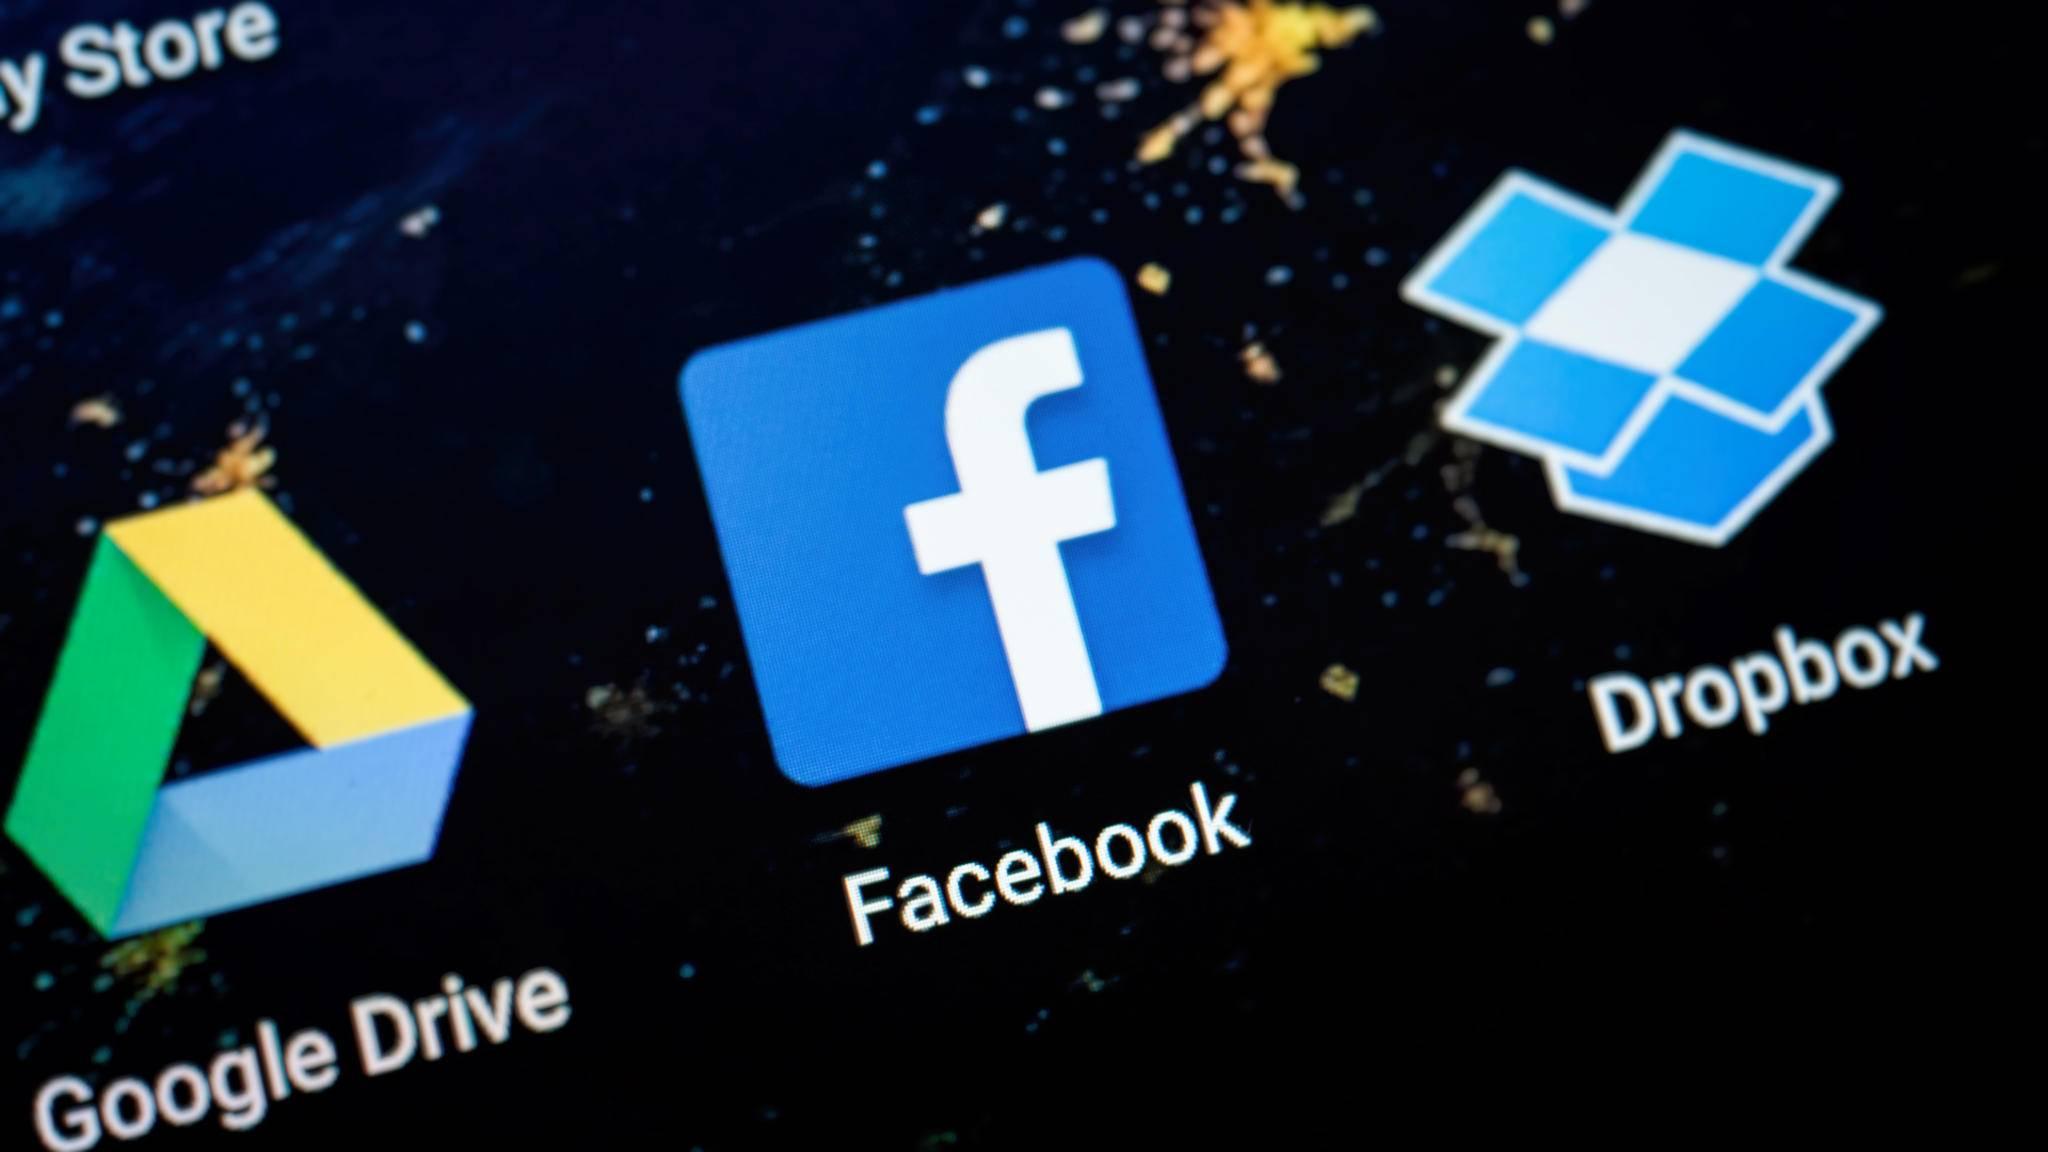 Facebook hat nach dem Datenskandal sogar mehr Nutzer als davor.